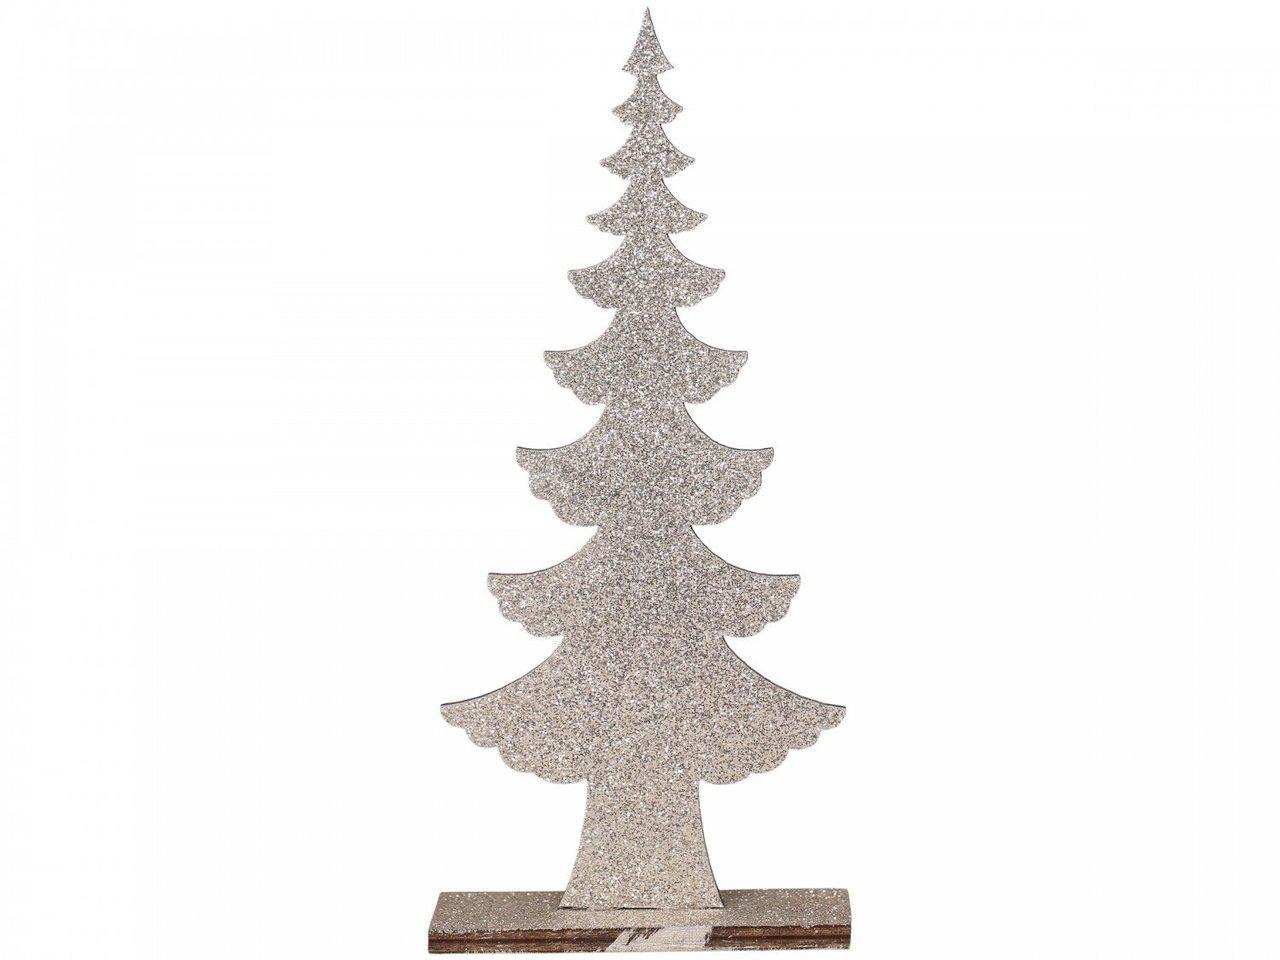 Chic Antique Weihnachtsbaum mit Glitzer